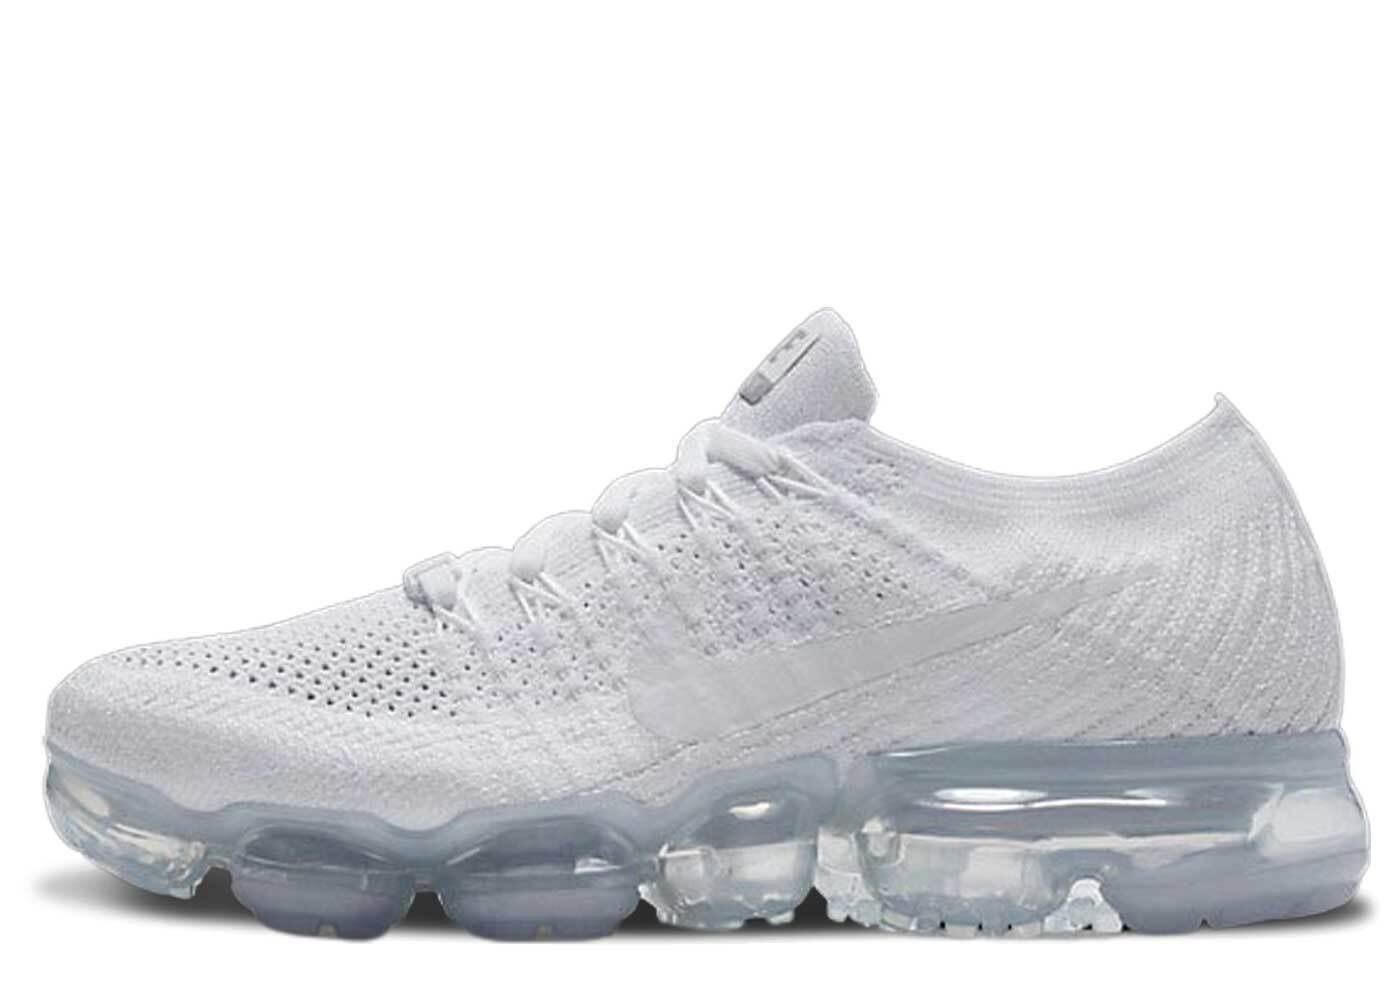 Nike Air VaporMax Neutral Tone White Womensの写真